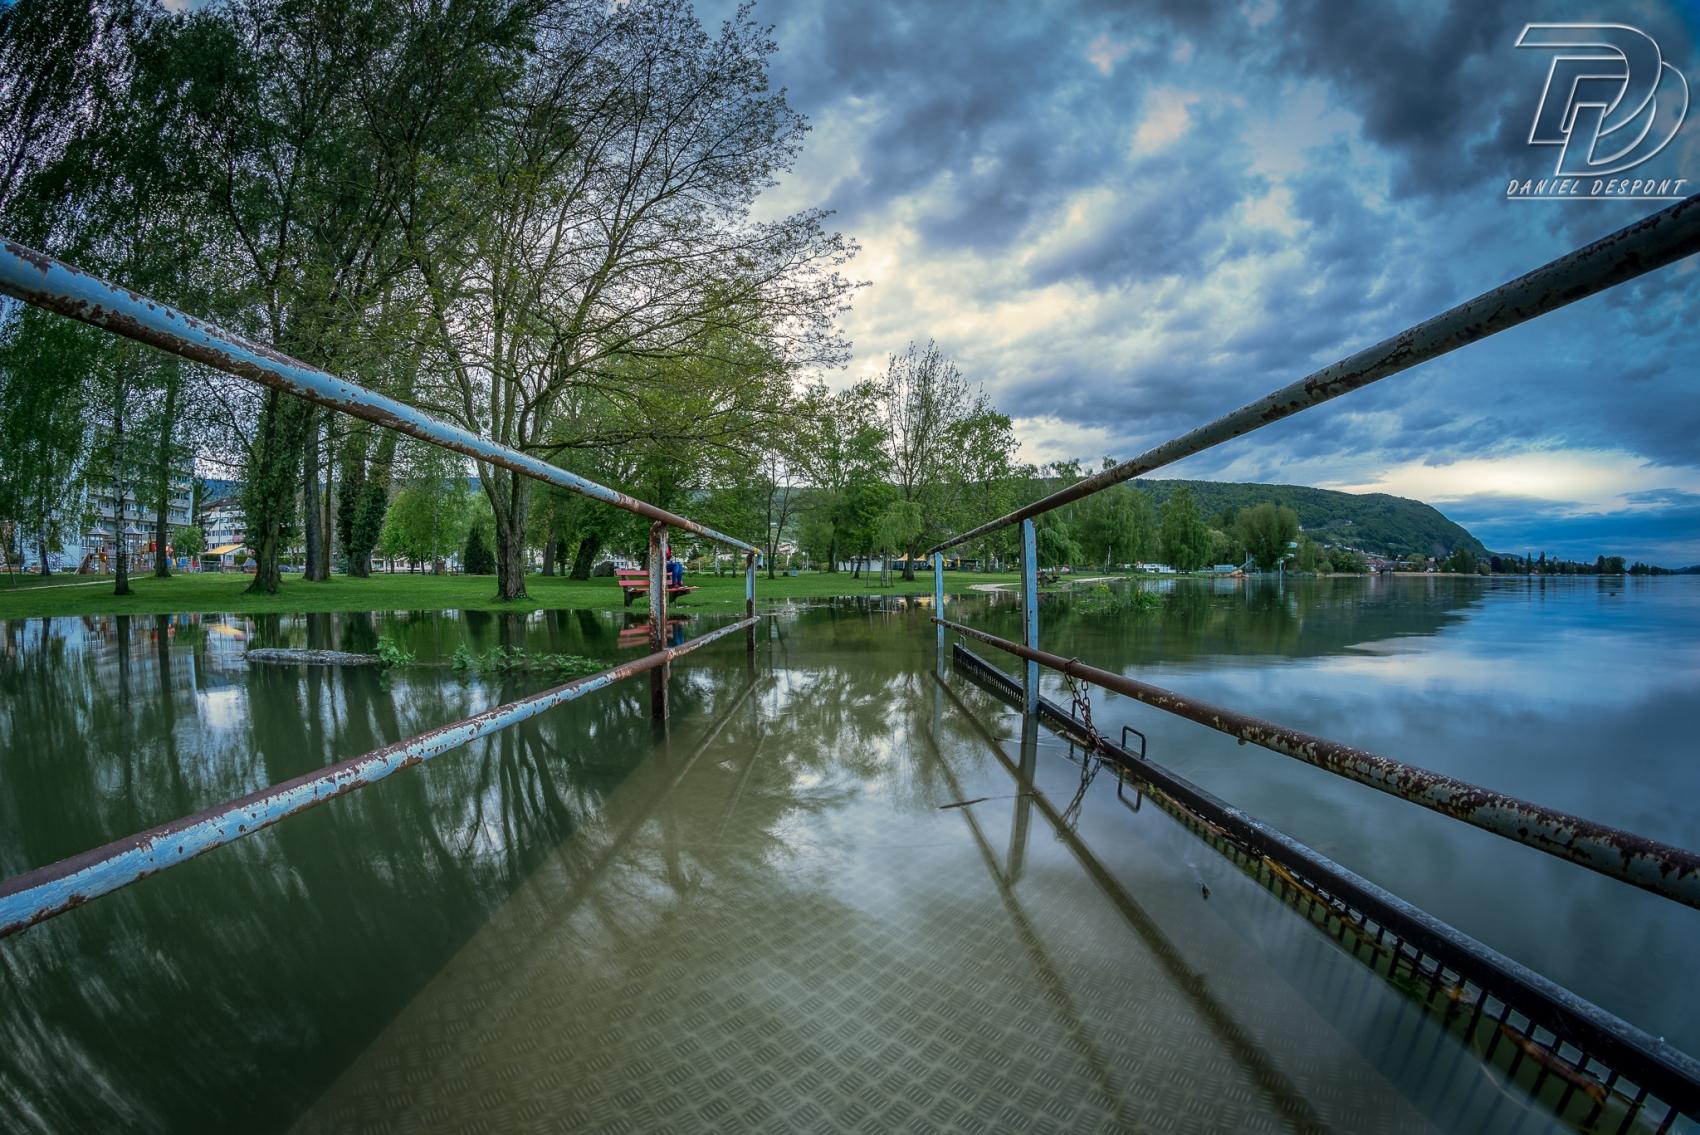 Inondation au Landeron, NE